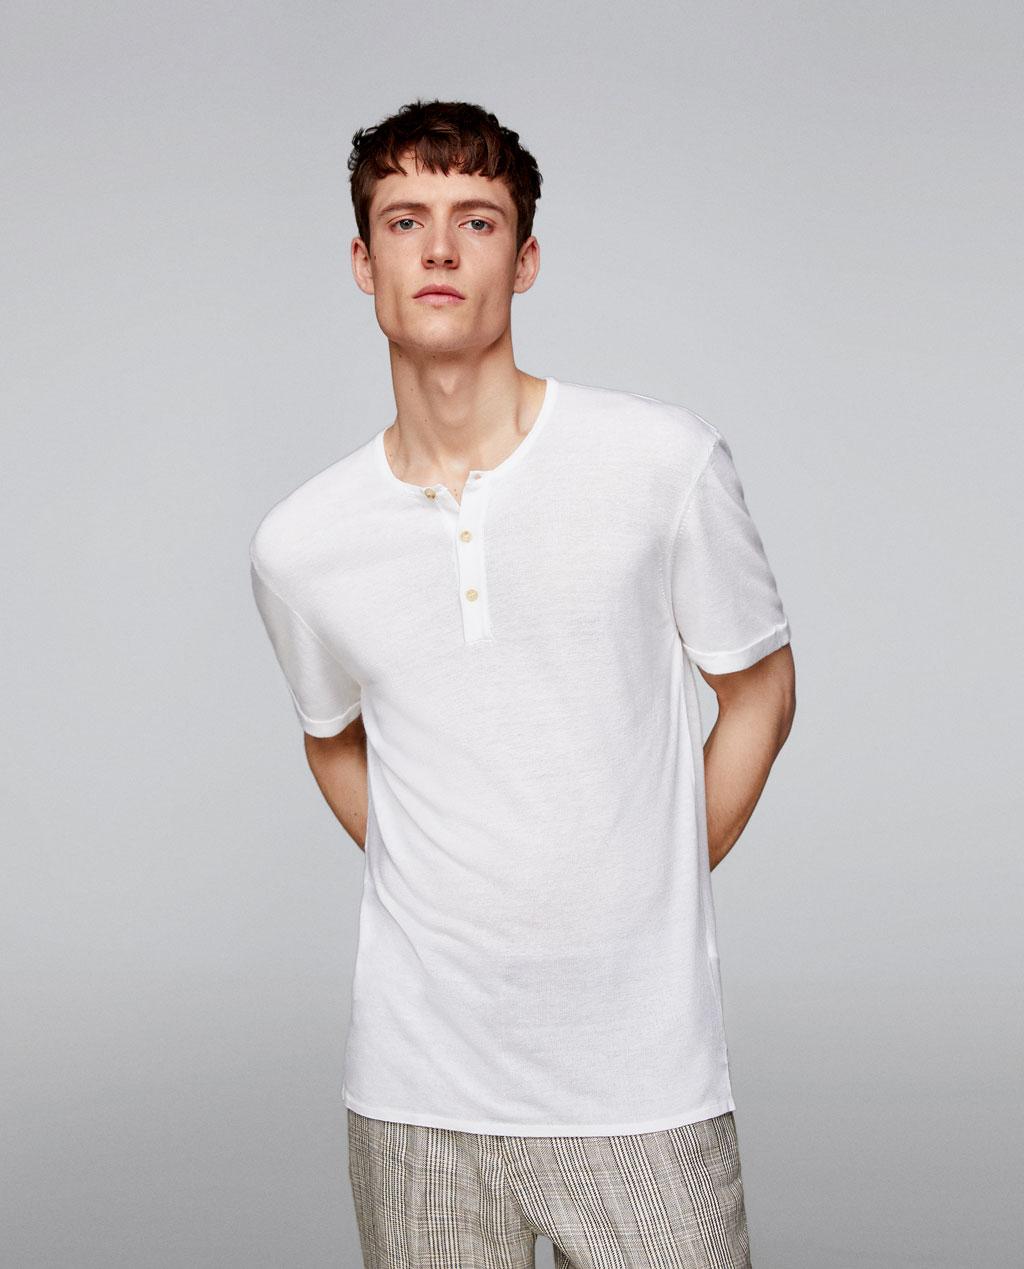 Thời trang nam Zara  24001 - ảnh 4